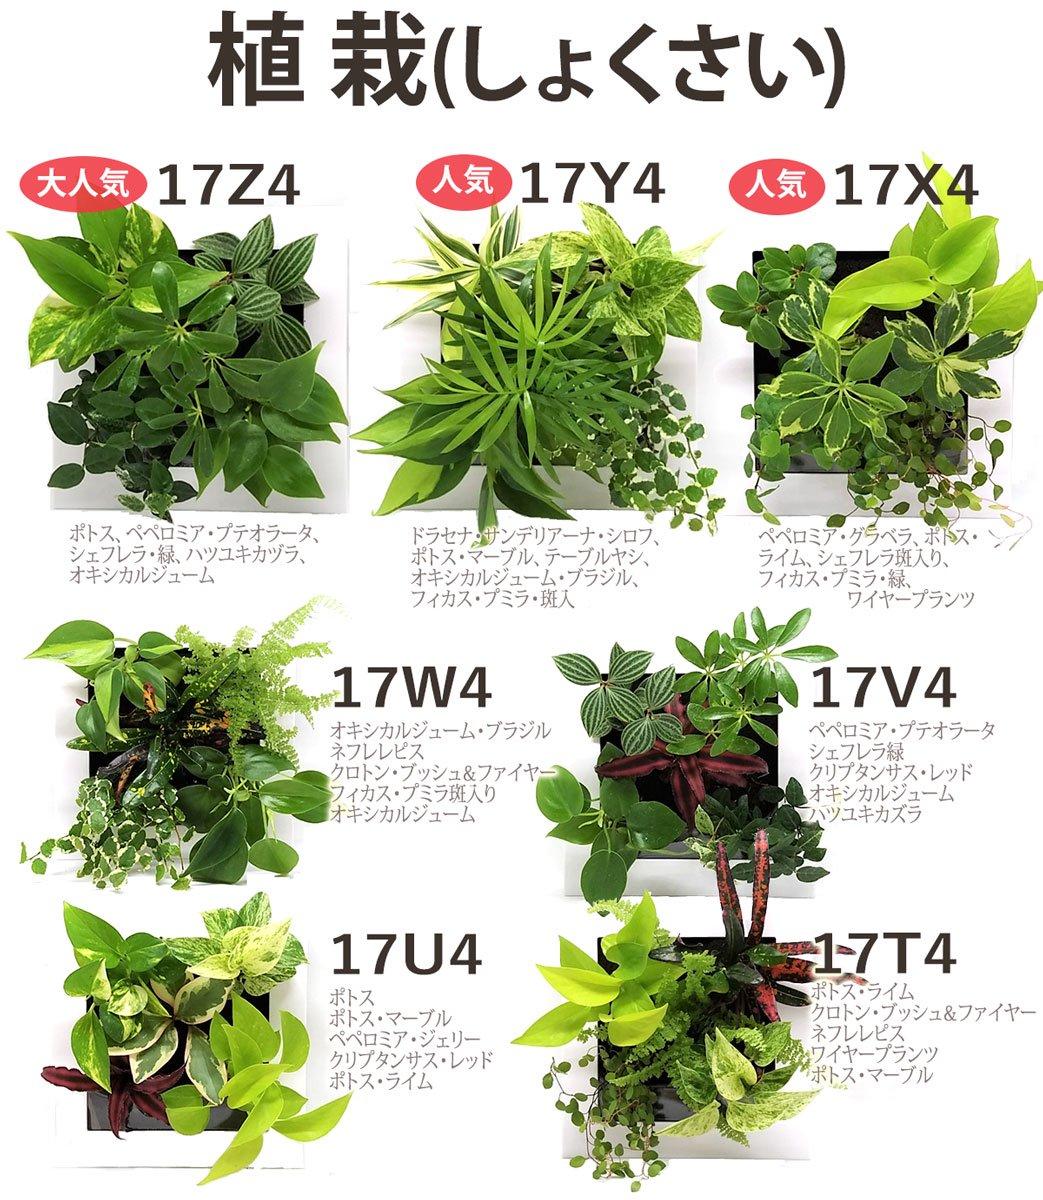 壁掛け観葉植物「ミドリエ」(壁面緑化) 〜サントリー・トヨタの新提案〜 絵を飾るようにみどりを飾る